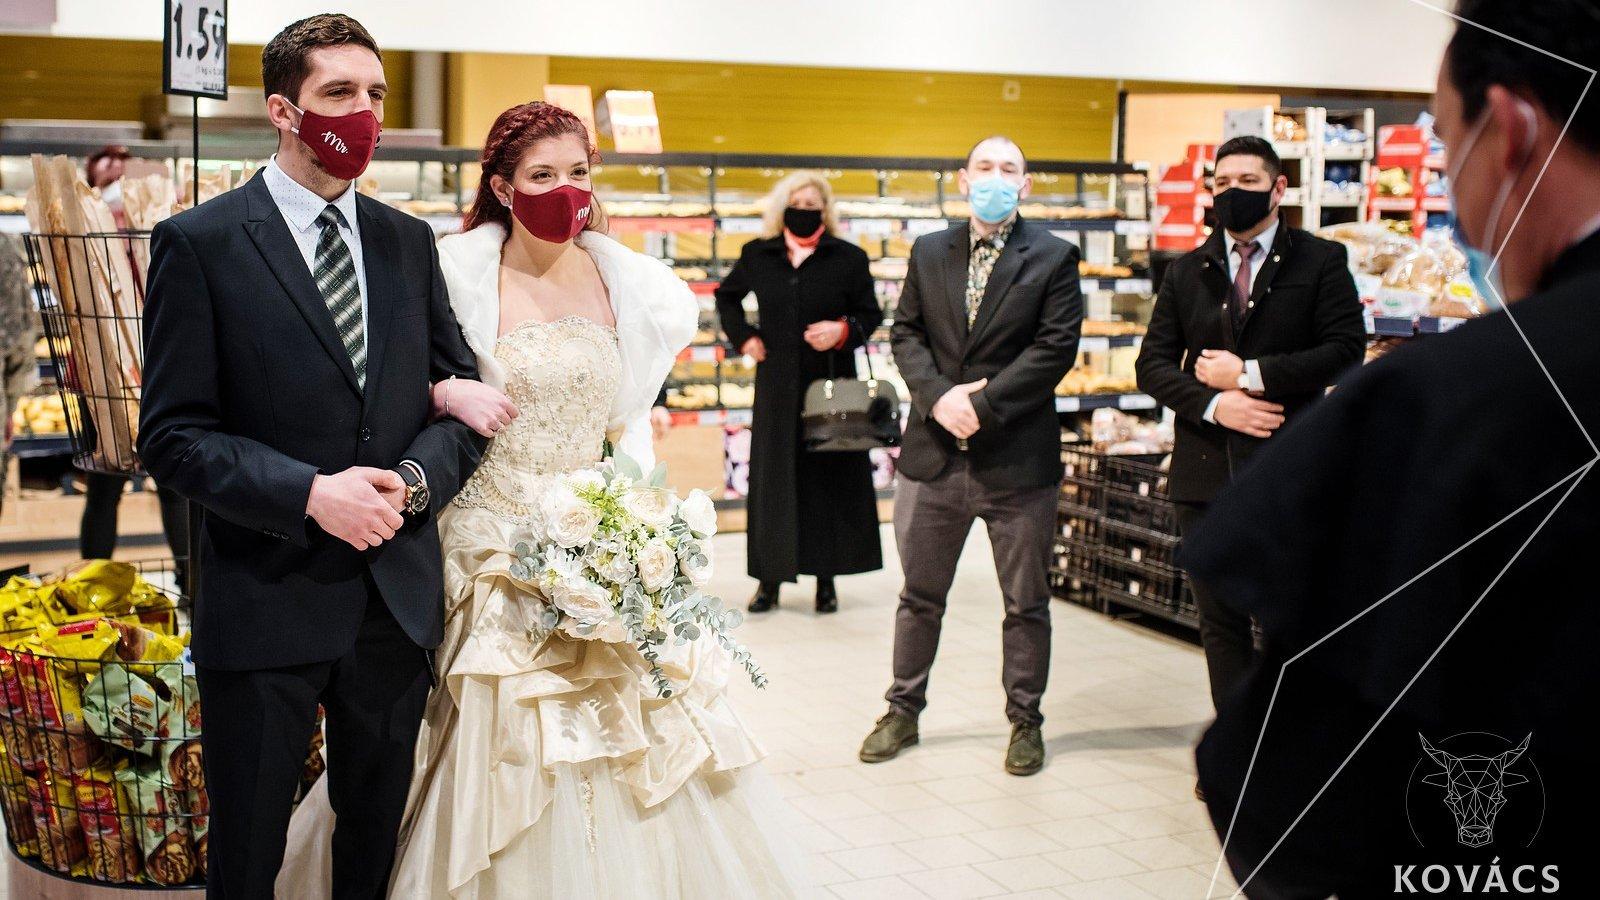 Elegük lett a korlátozásokból, összeházasodtak egy bevásárlóközpontban